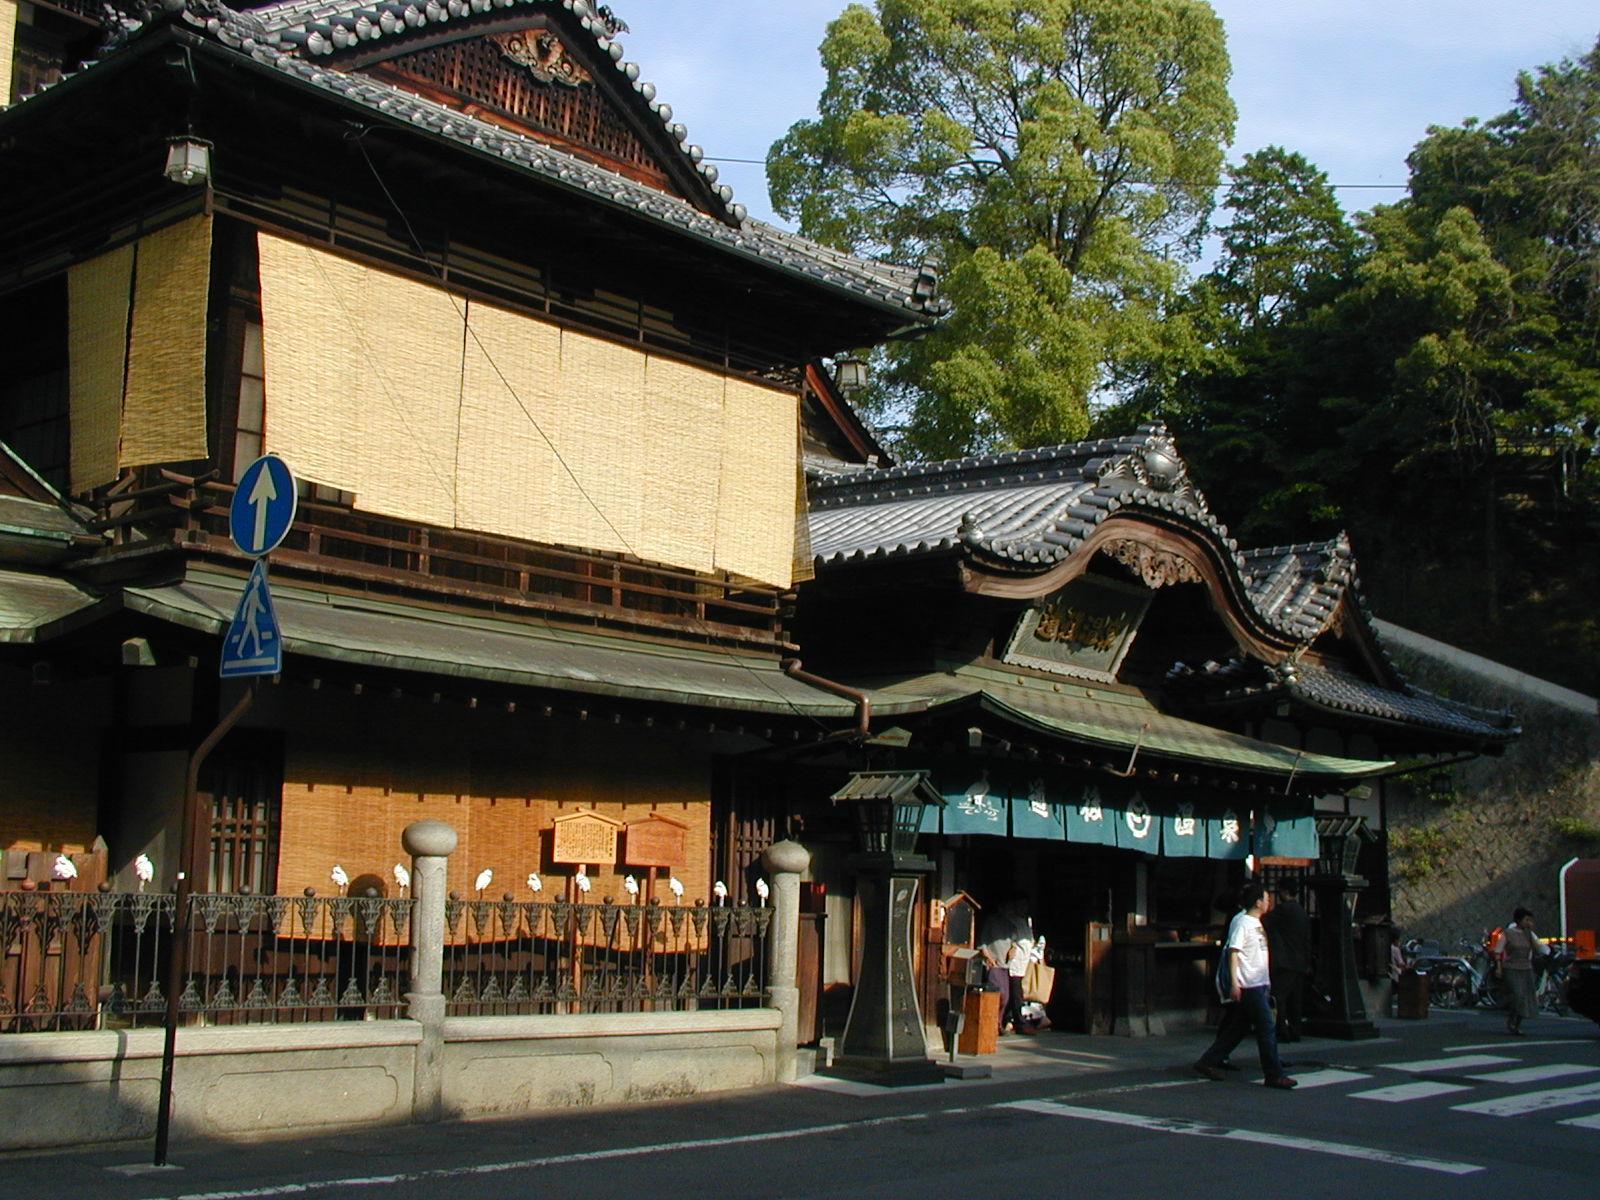 Dōgo Casa de baños de Onsen Matsuyama Japón